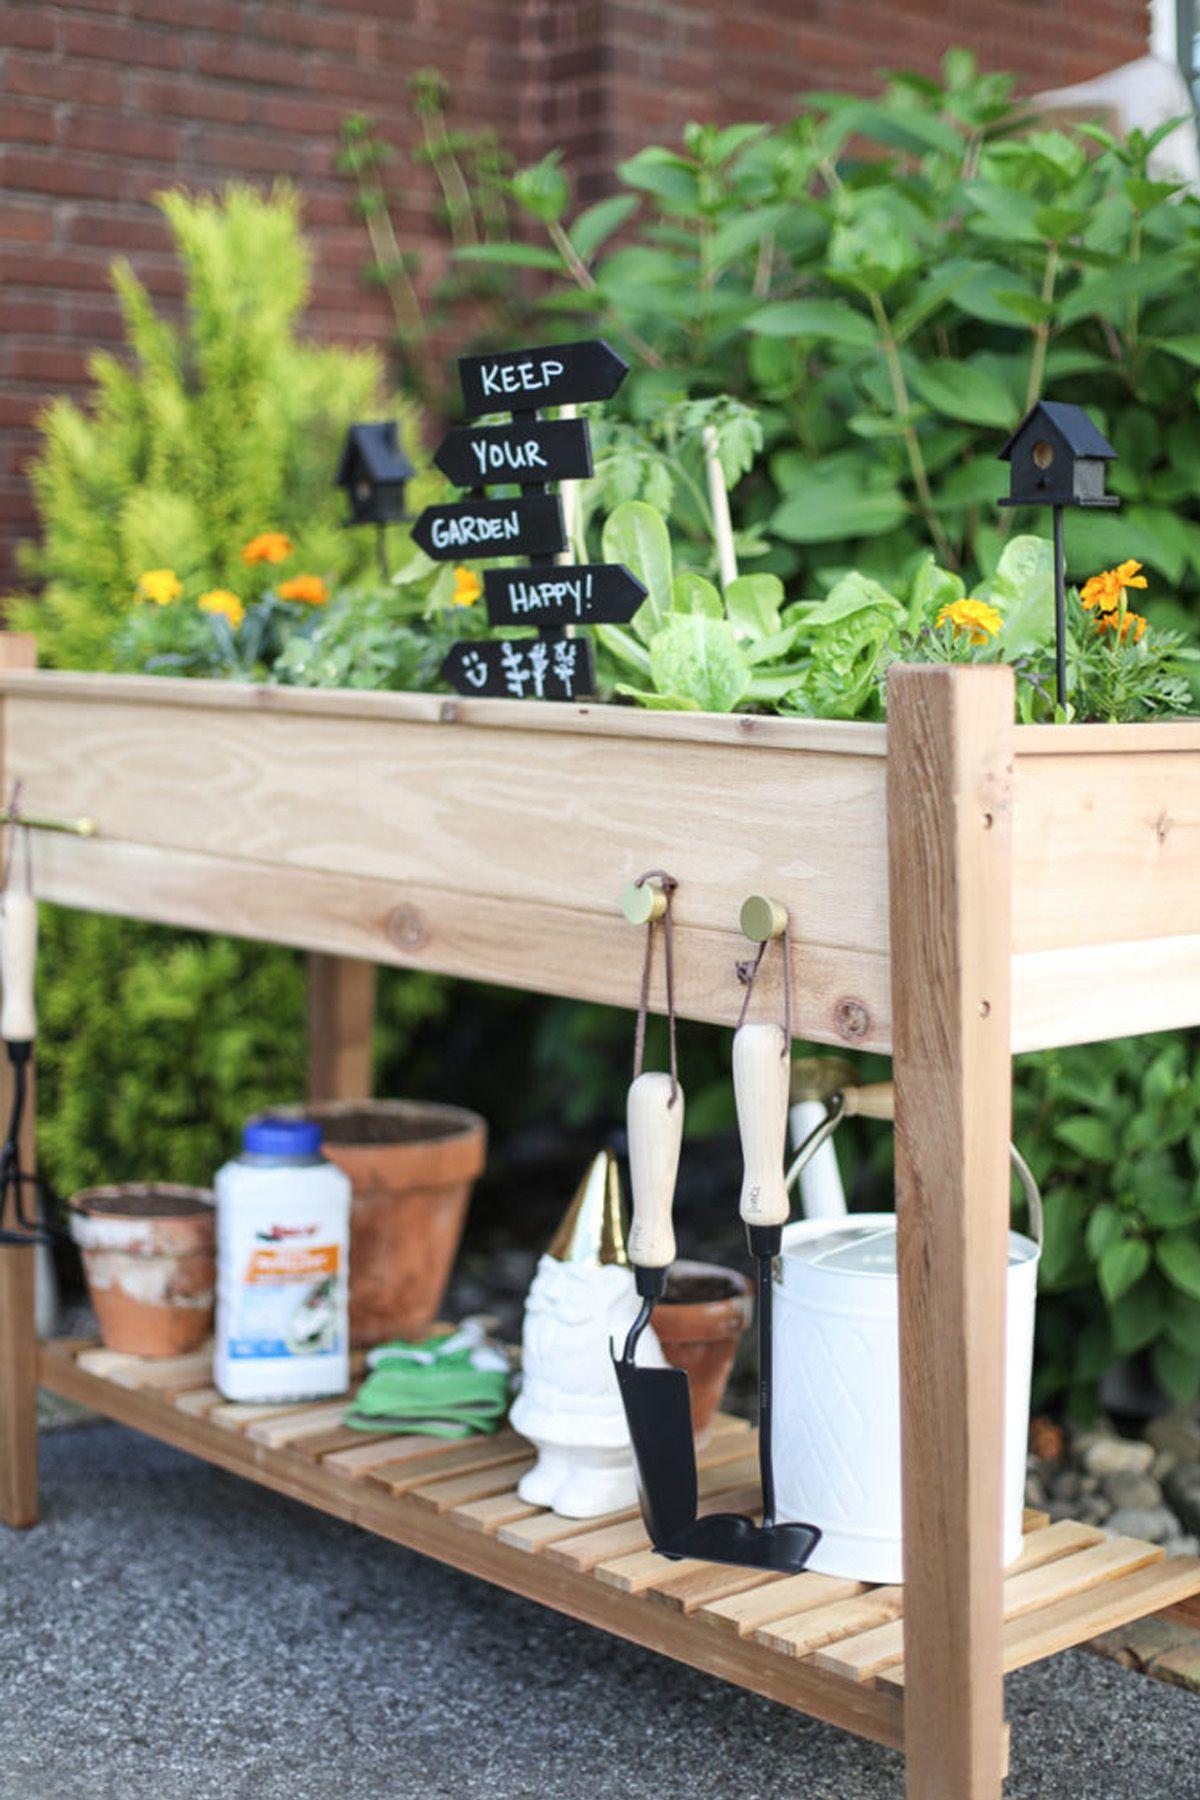 small garden design garden ideas, raised flower bed